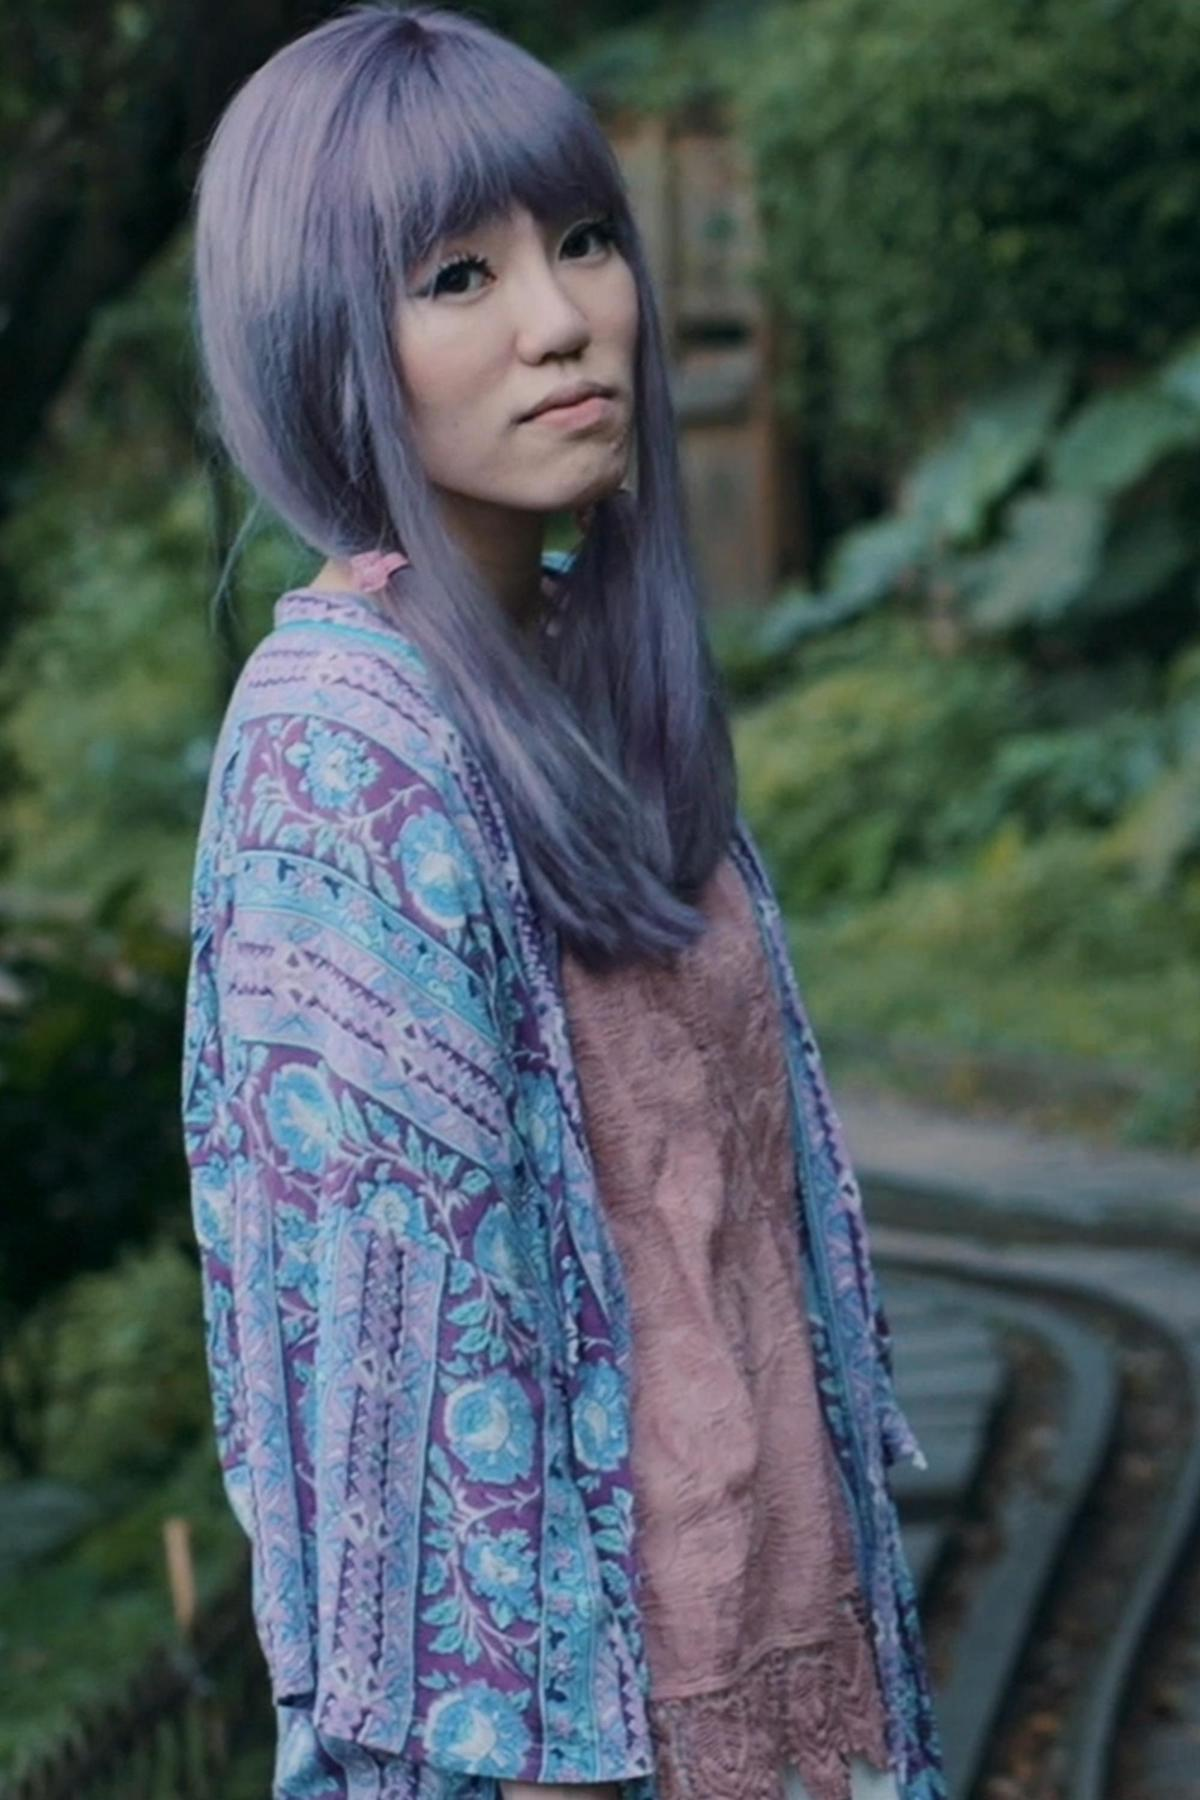 來自大馬的女聲王艷薇在台灣發展4年、為不少天王天后貢獻過創作作品。(KK FARM提供)